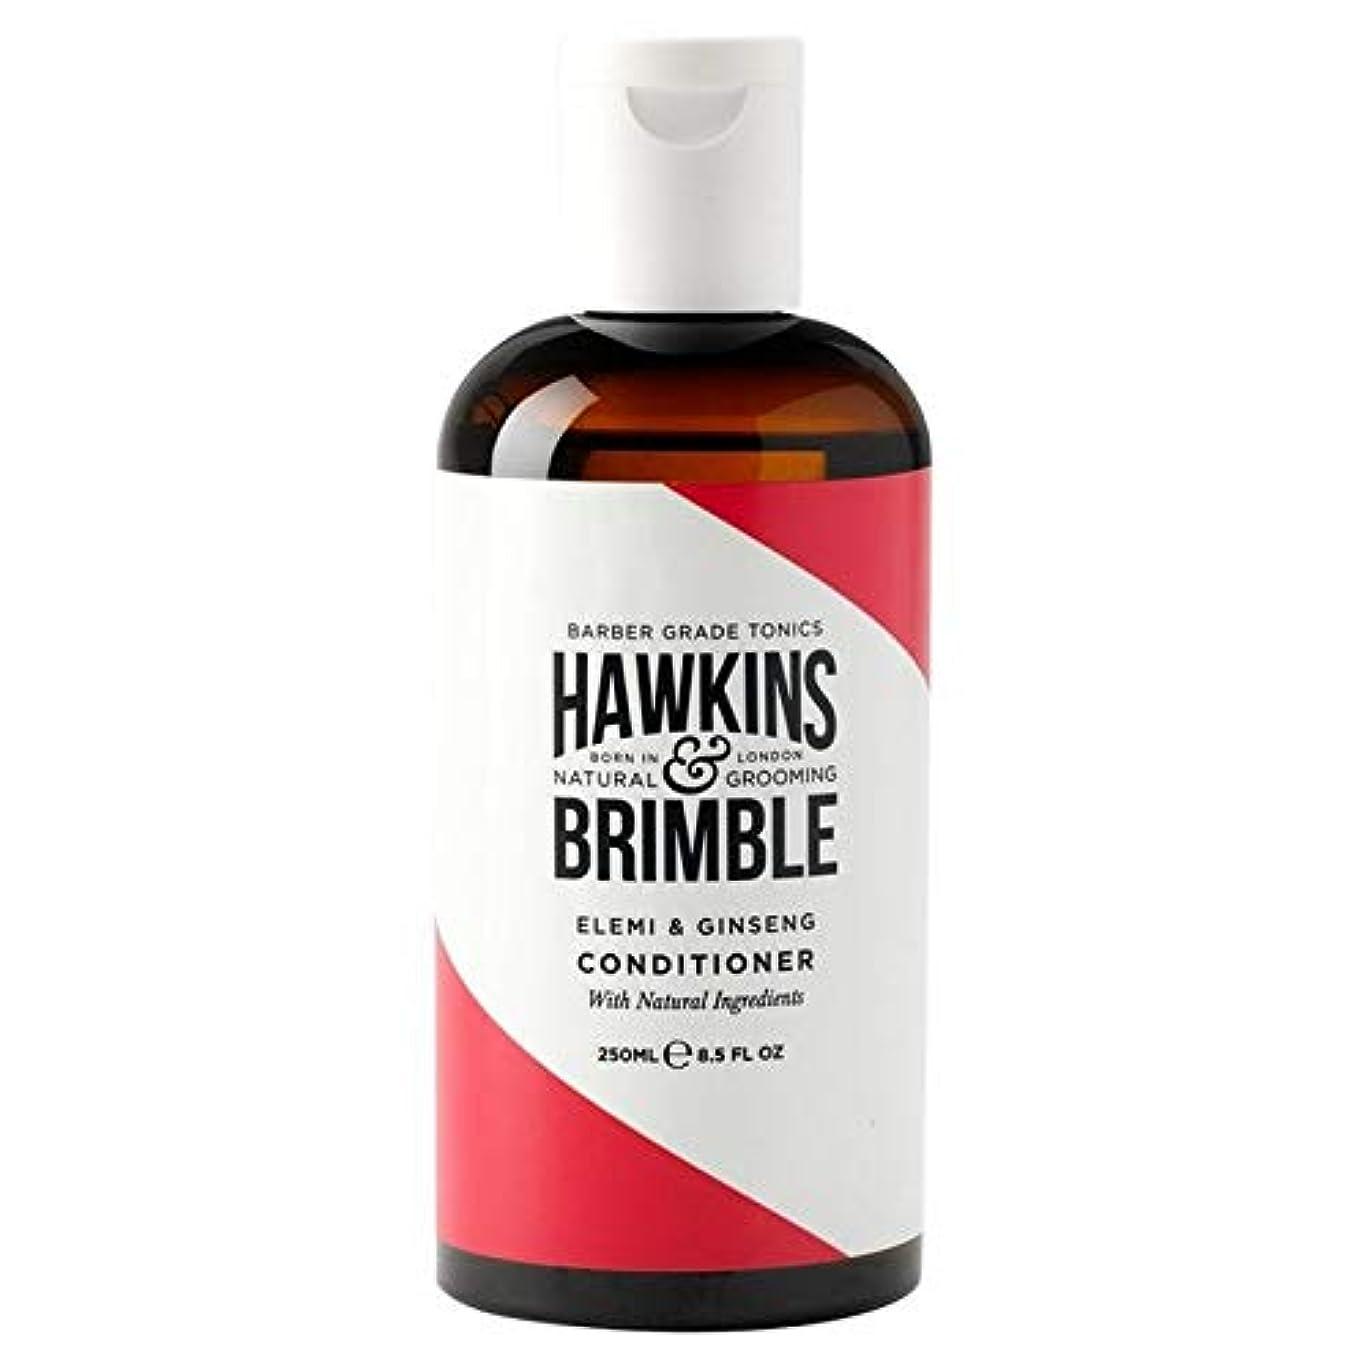 唇慢性的思春期[Hawkins & Brimble] ホーキンス&Brimbleナチュラルコンディショナー250Ml - Hawkins & Brimble Natural Conditioner 250ml [並行輸入品]